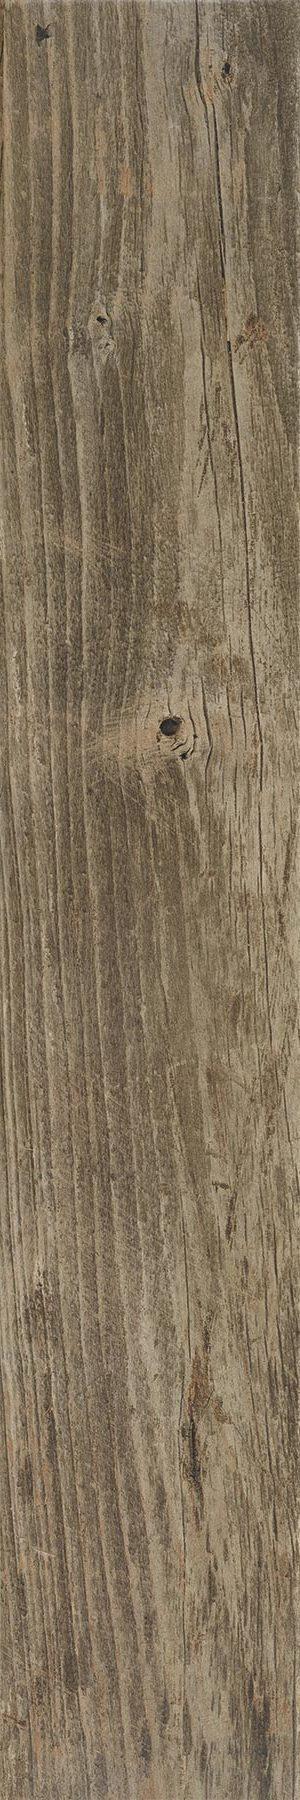 BARNWOOD TILDEN GREY 6X36